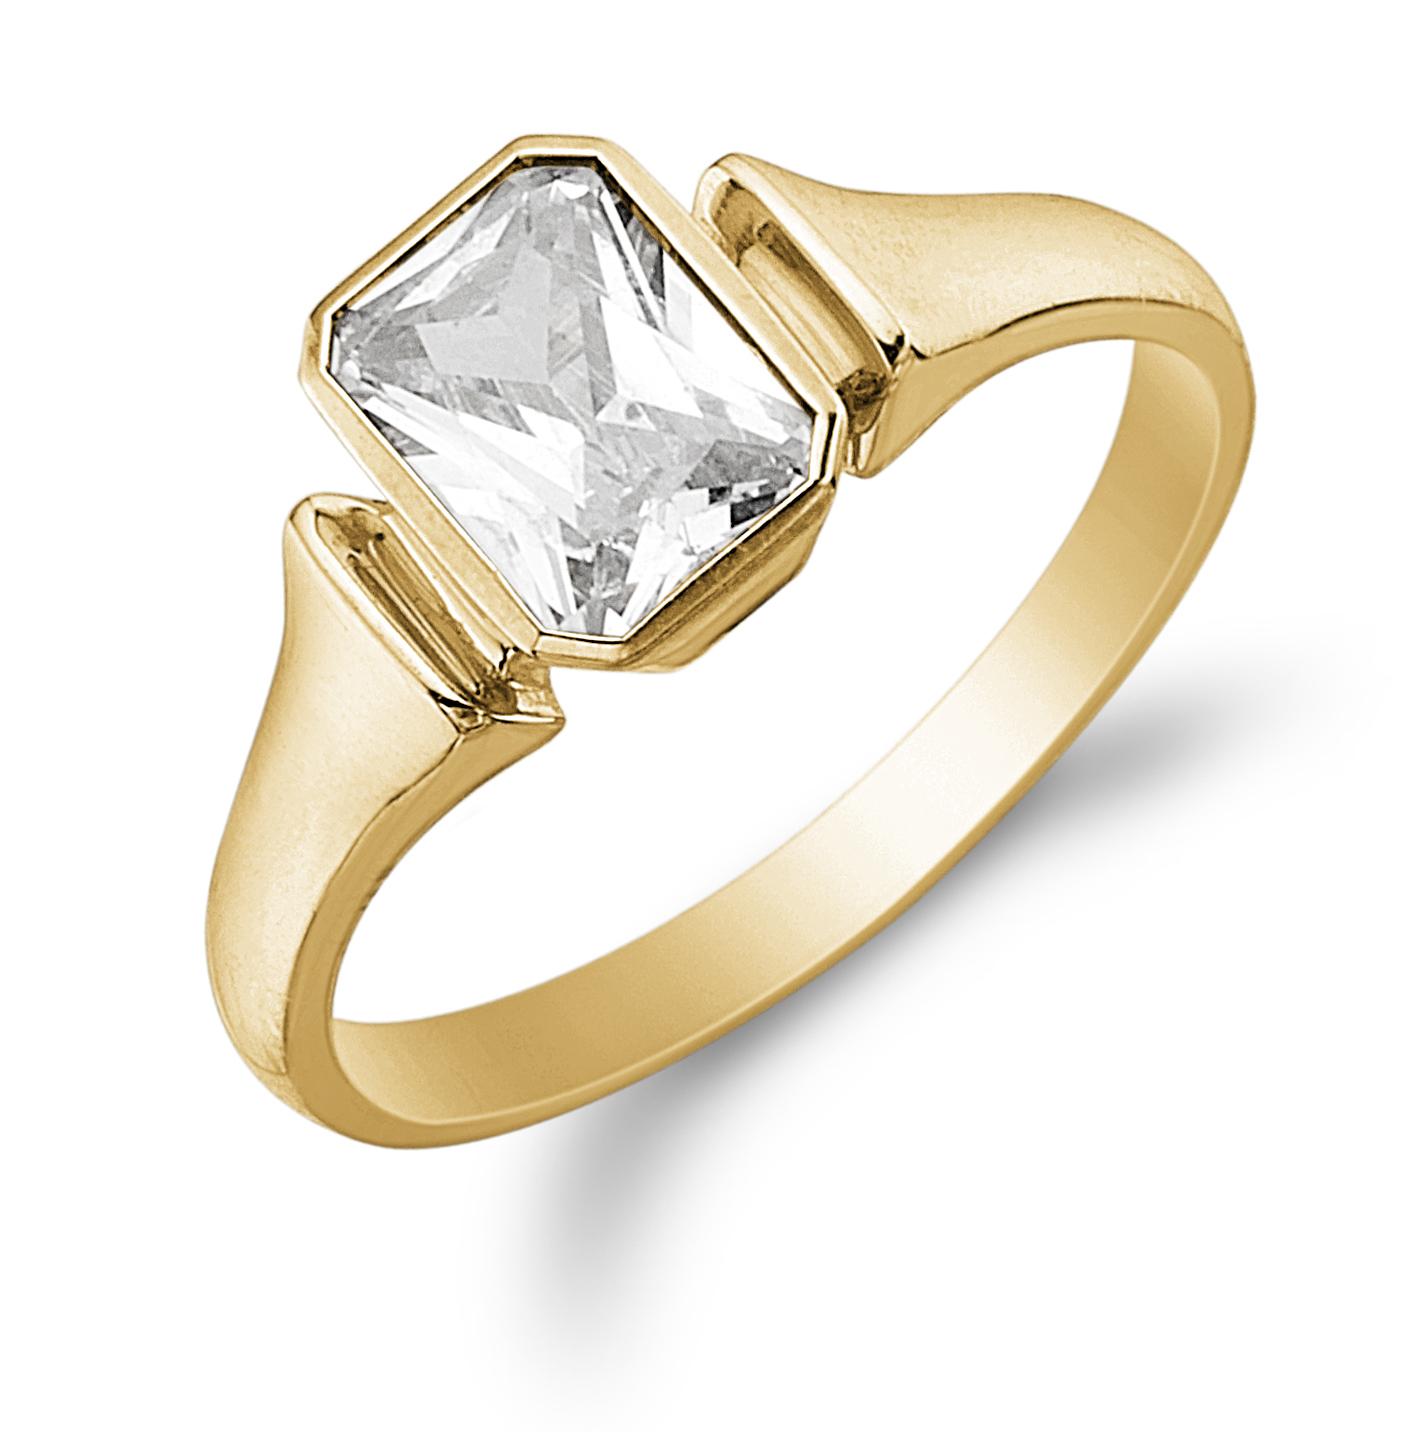 Image of   Aagaard 8 kt ring - 08621282-75 Størrelse 50